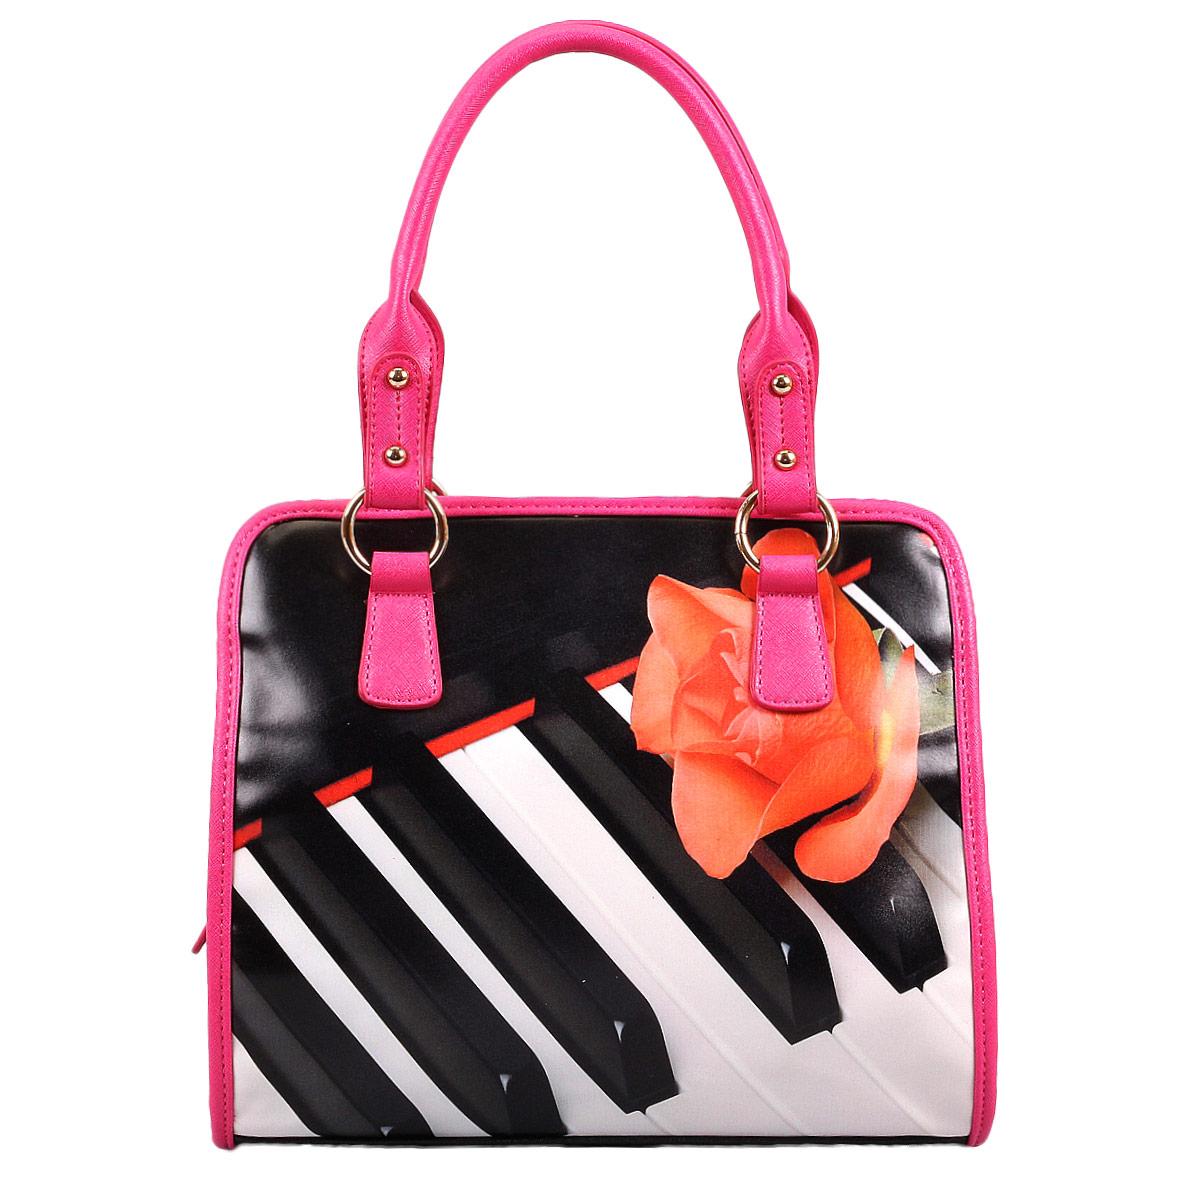 Сумка женская Flioraj Роза. Пианино, цвет: черный, розовый. 31482L39845800Изысканная женская сумка Flioraj выполнена из высококачественной искусственной кожи. Сумка закрывается на застежку-молнию. Внутри - одно отделение, также есть открытый карман, два кармана на застежках-молниях и два не больших накладных кармашка для телефона и мелочей. Задняя сторона дополнена плоским врезным карманом на застежке-молнии. Ручки сумки крепится на металлическую фурнитуру. Дно сумки защищено металлическими ножками, обеспечивающими дополнительную устойчивость. В комплекте чехол для хранения. Яркий дизайн сумки, сочетающий классические формы с оригинальным оформлением, позволит вам подчеркнуть свою индивидуальность и сделает ваш образ изысканным и завершенным.